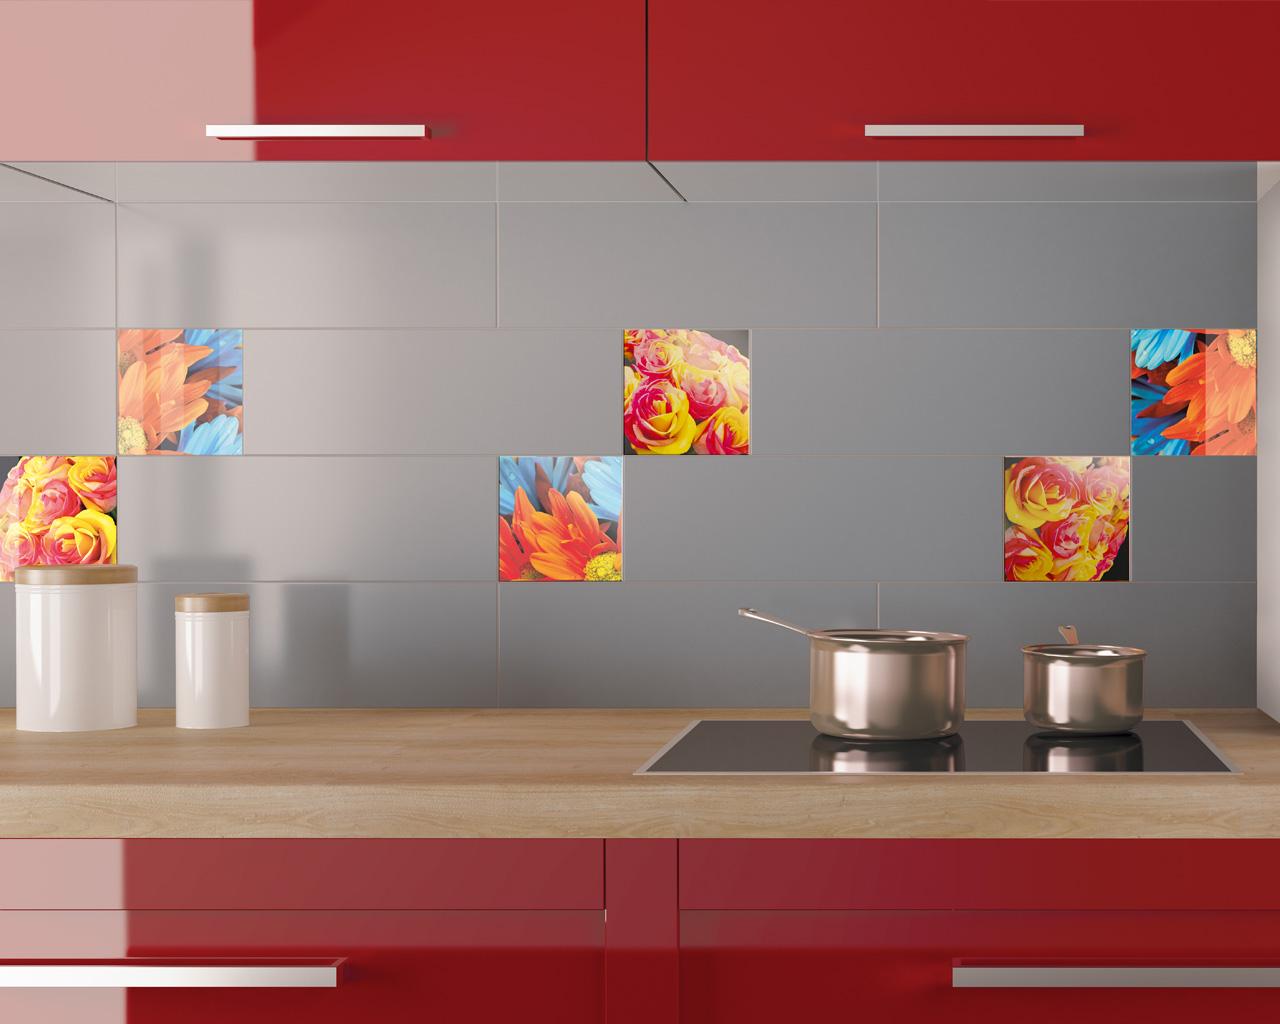 Multikolorowe akcenty dekoracyjne w nowoczesnej kuchni